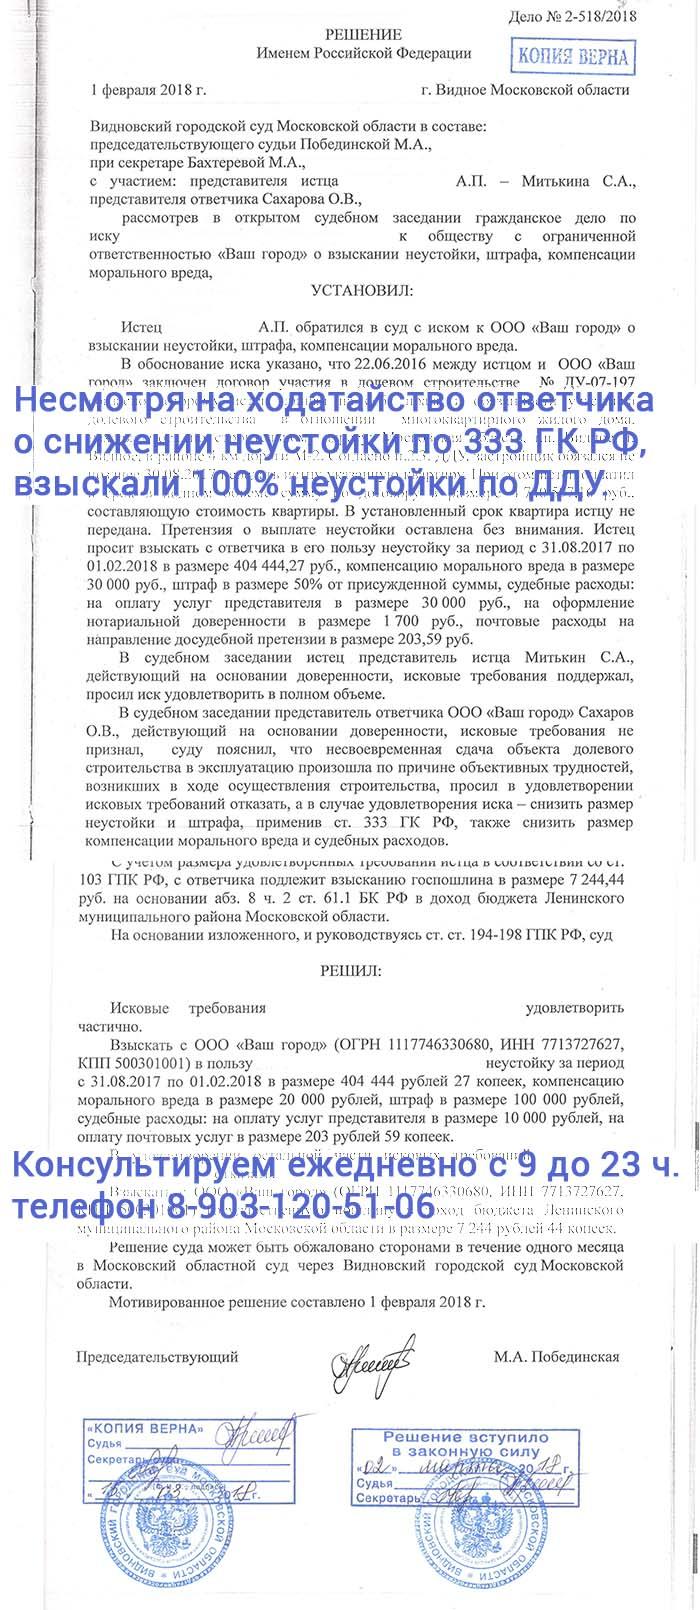 Видновский суд присудил неустойку по договору долевого участия в полном объёме, несмотря на ходатайство ответчика о снижении неустойки по 333 ГК РФ